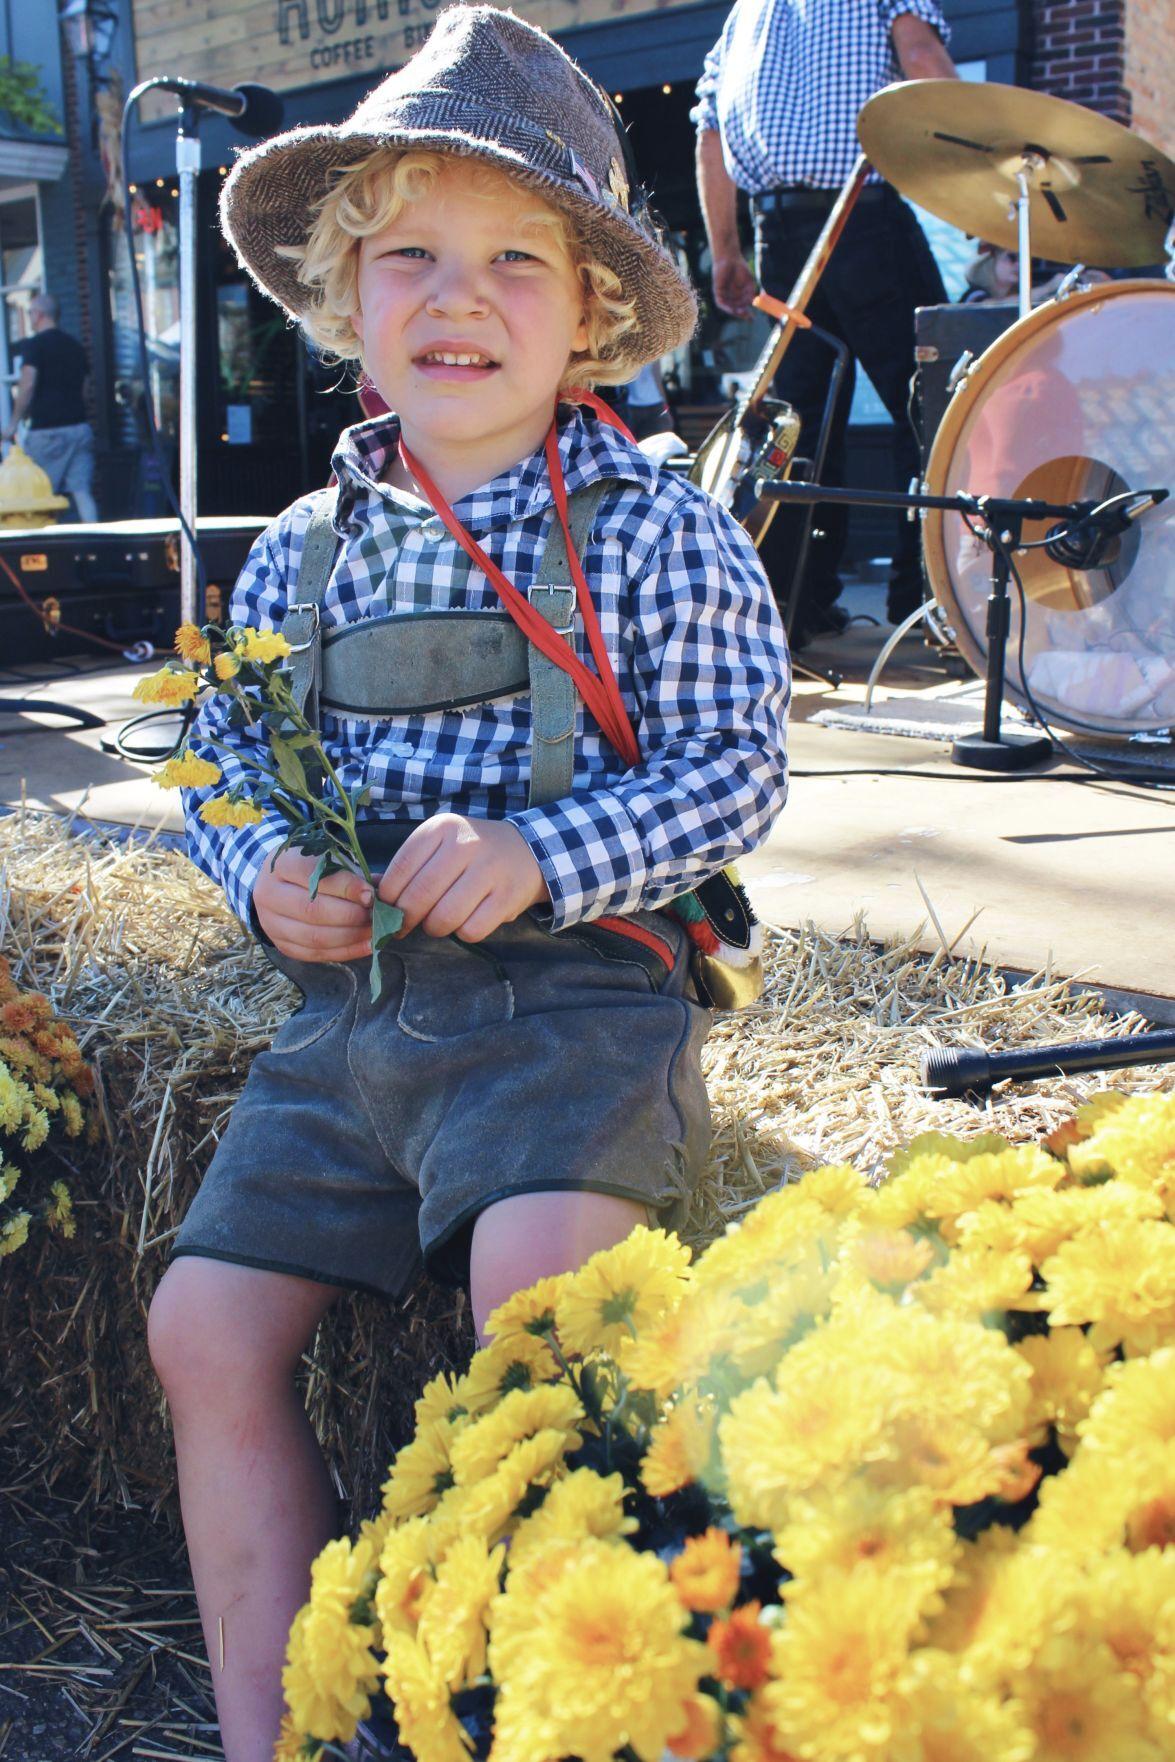 Lederhosen boy at Oktoberfest